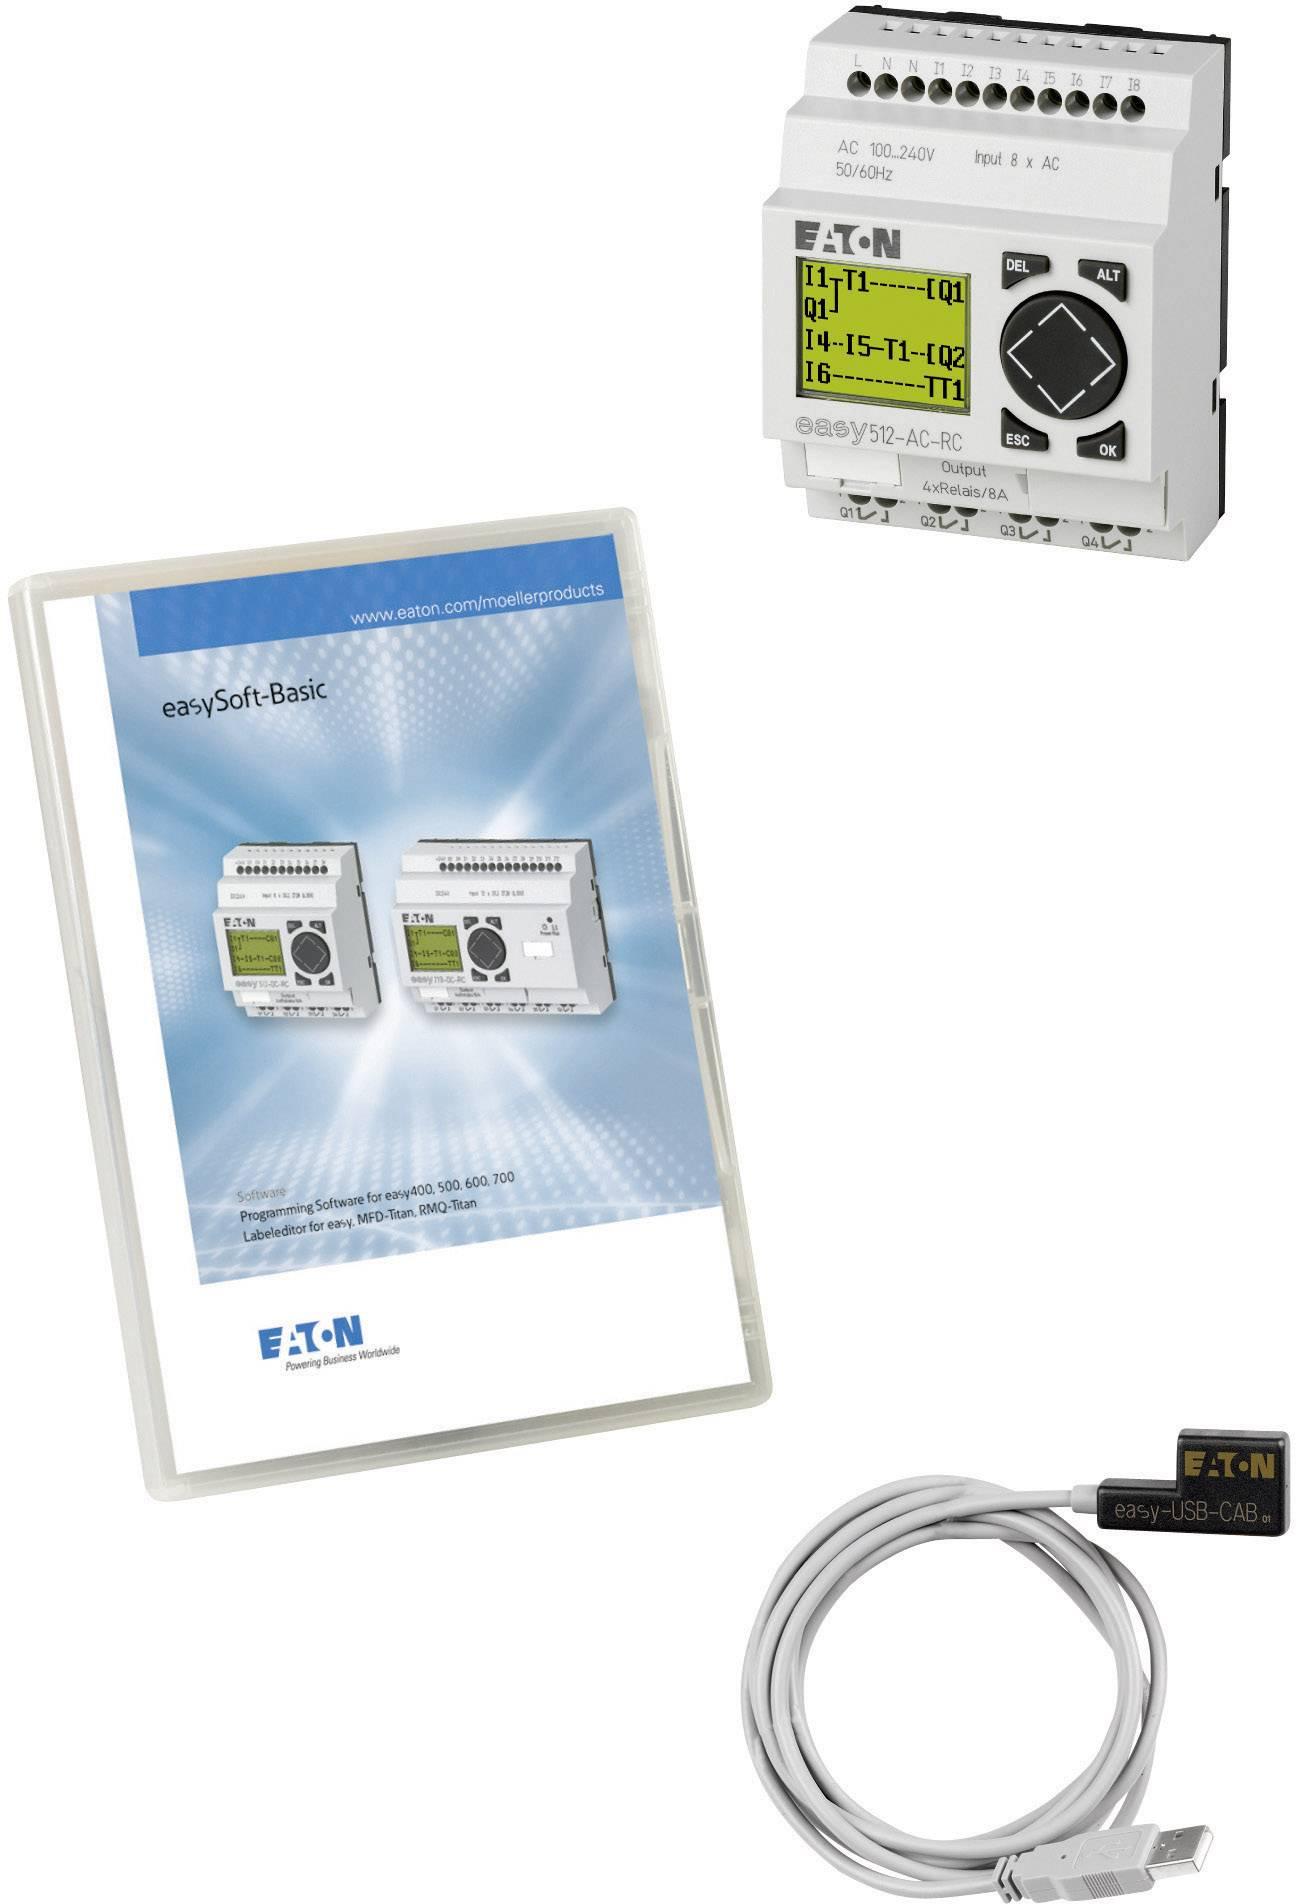 Základní sada Easy Mini Box USB, Eaton 116562, 115 V/AC, 230 V/AC